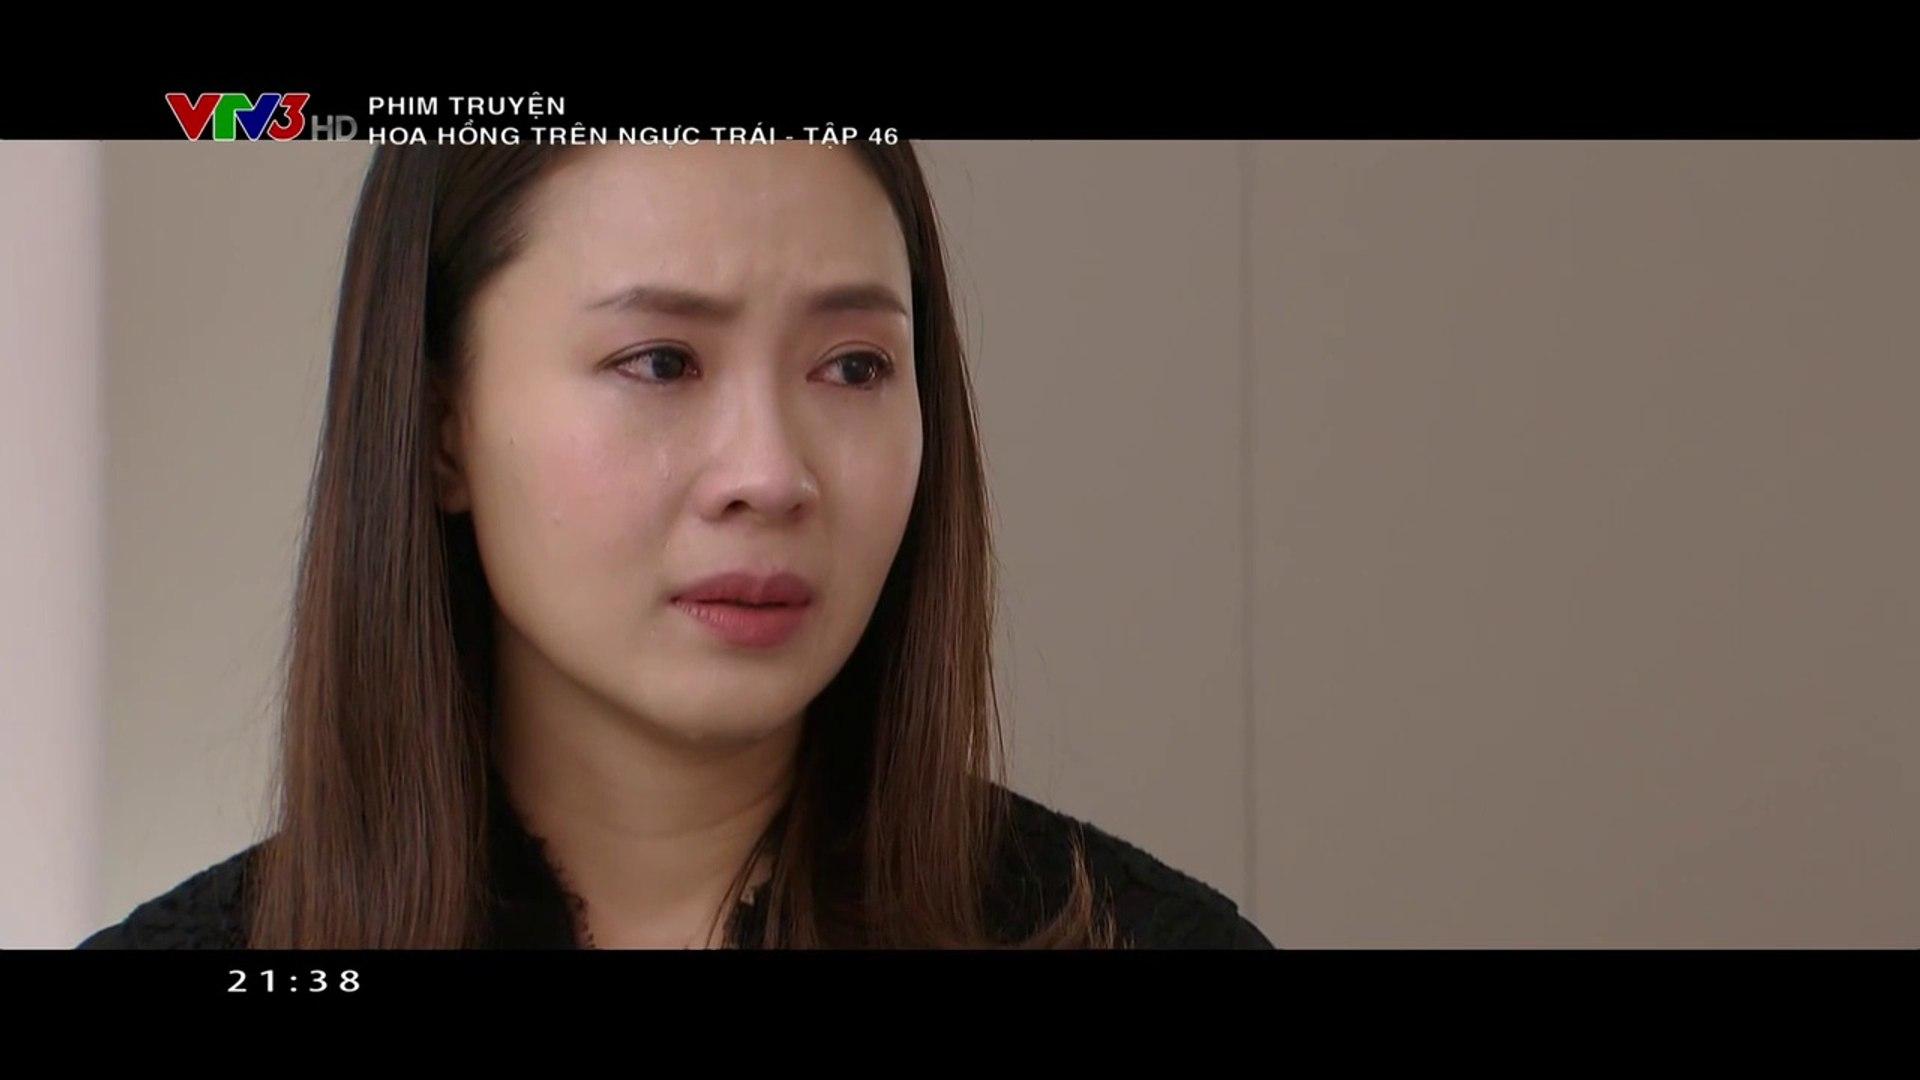 Hoa Hồng Trên Ngực Trái Tập 46 Tập Cuối - Ngày 9-1-2020 - Phim Việt Nam VTV3